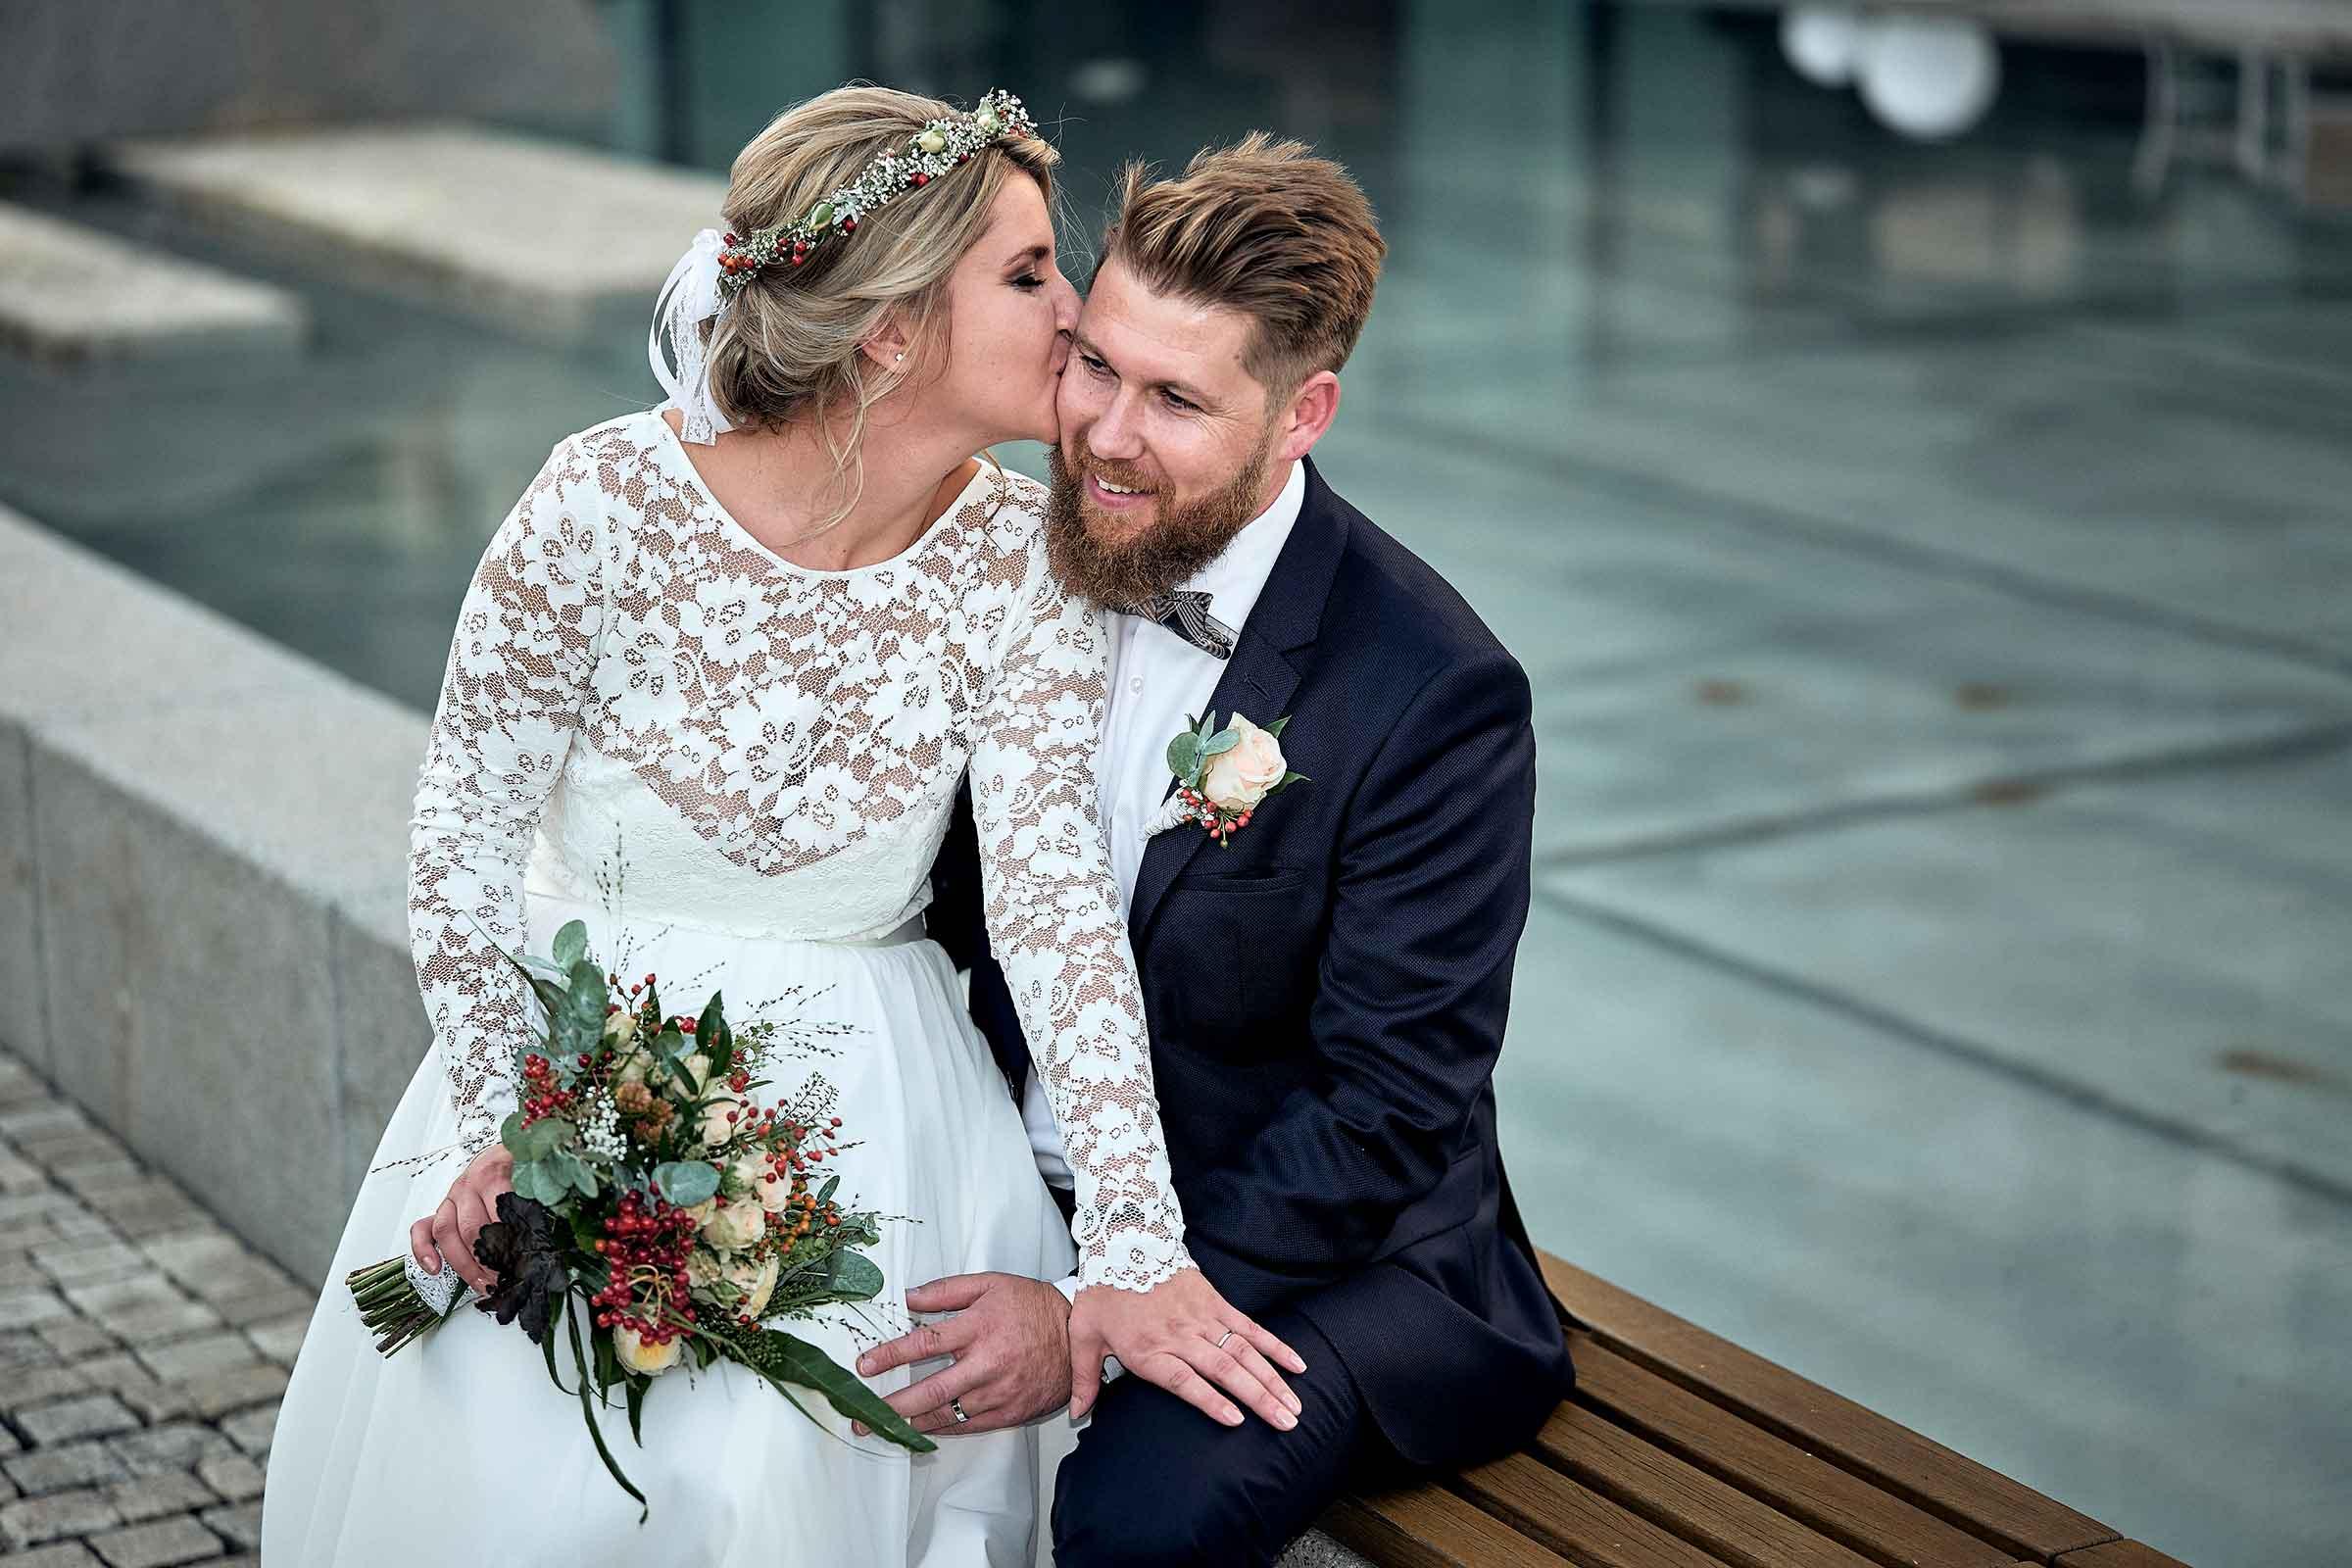 Hochzeit im Lufthansa Hotel in Seeheim-Eine Braut sitzt bei ihren Bräutigam gemeinsam auf einer Bank